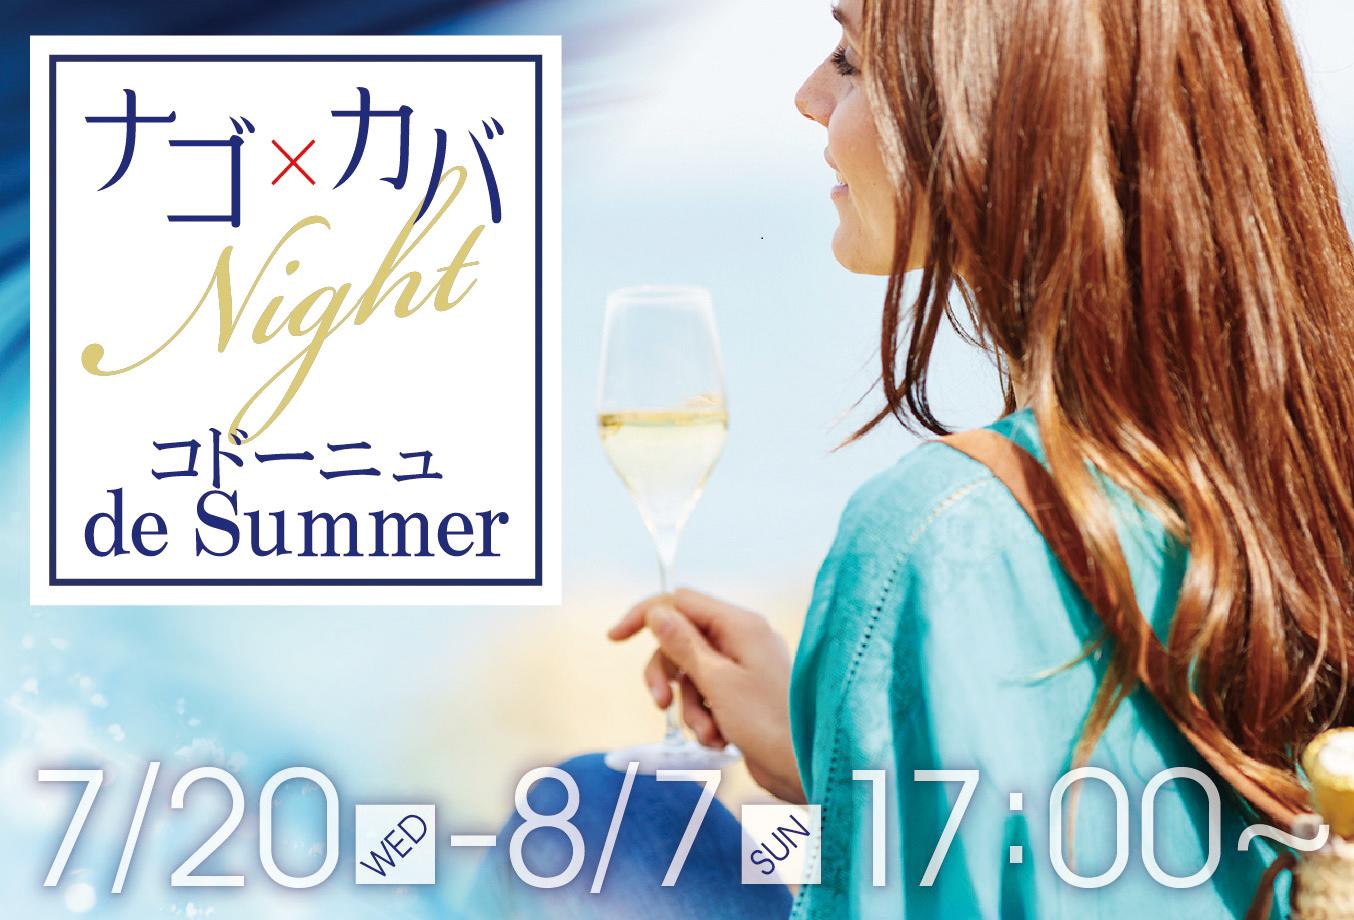 「Nago×Cava Night!コドーニュ de Summer」